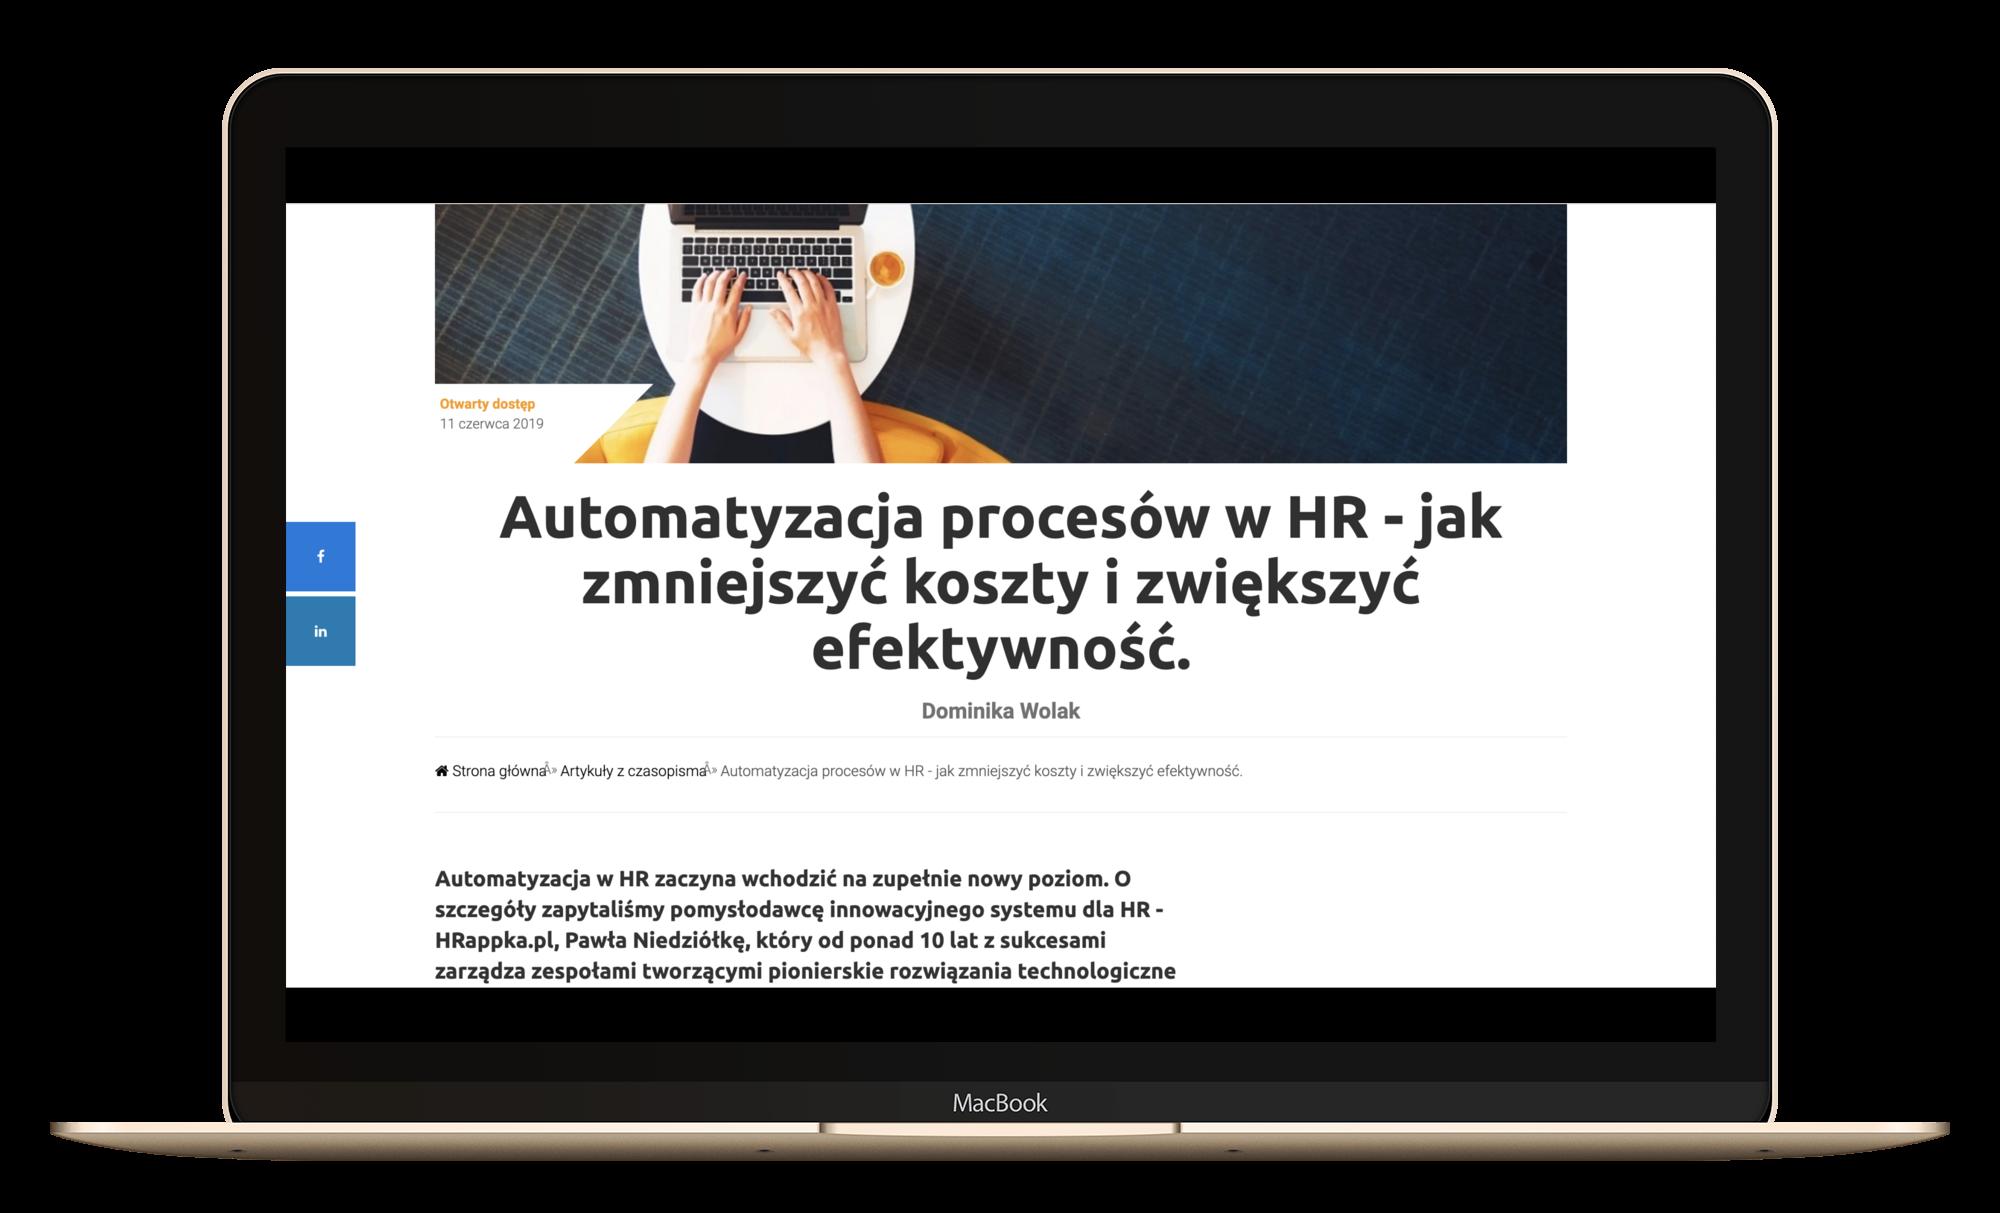 HRappka w artykule o automatyzacji (HR Business Partner)